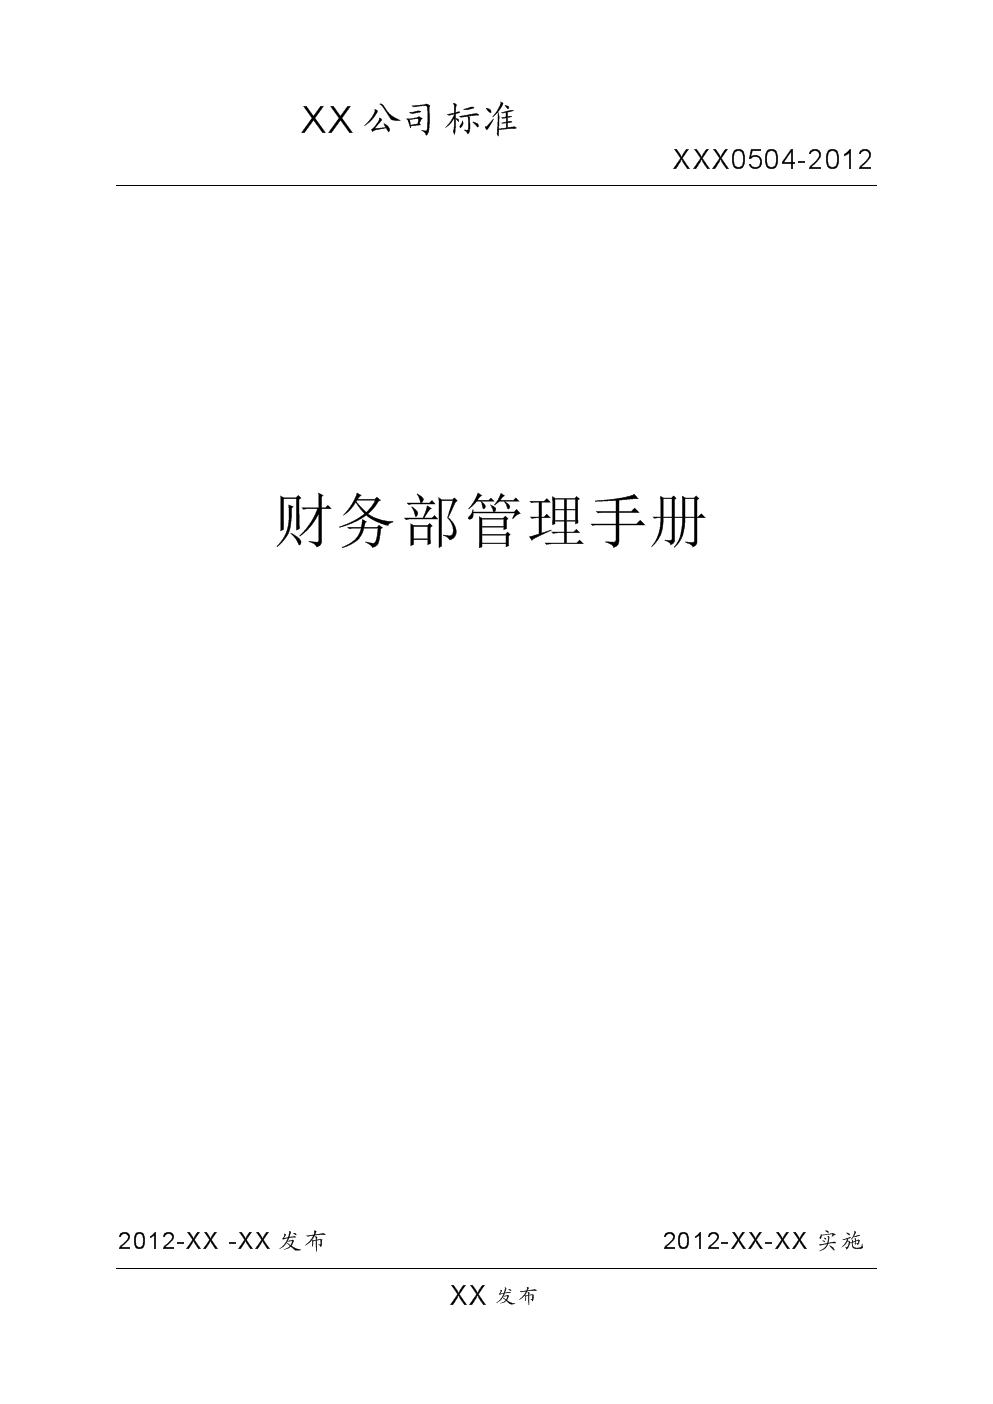 某公司财务部管理手册.doc